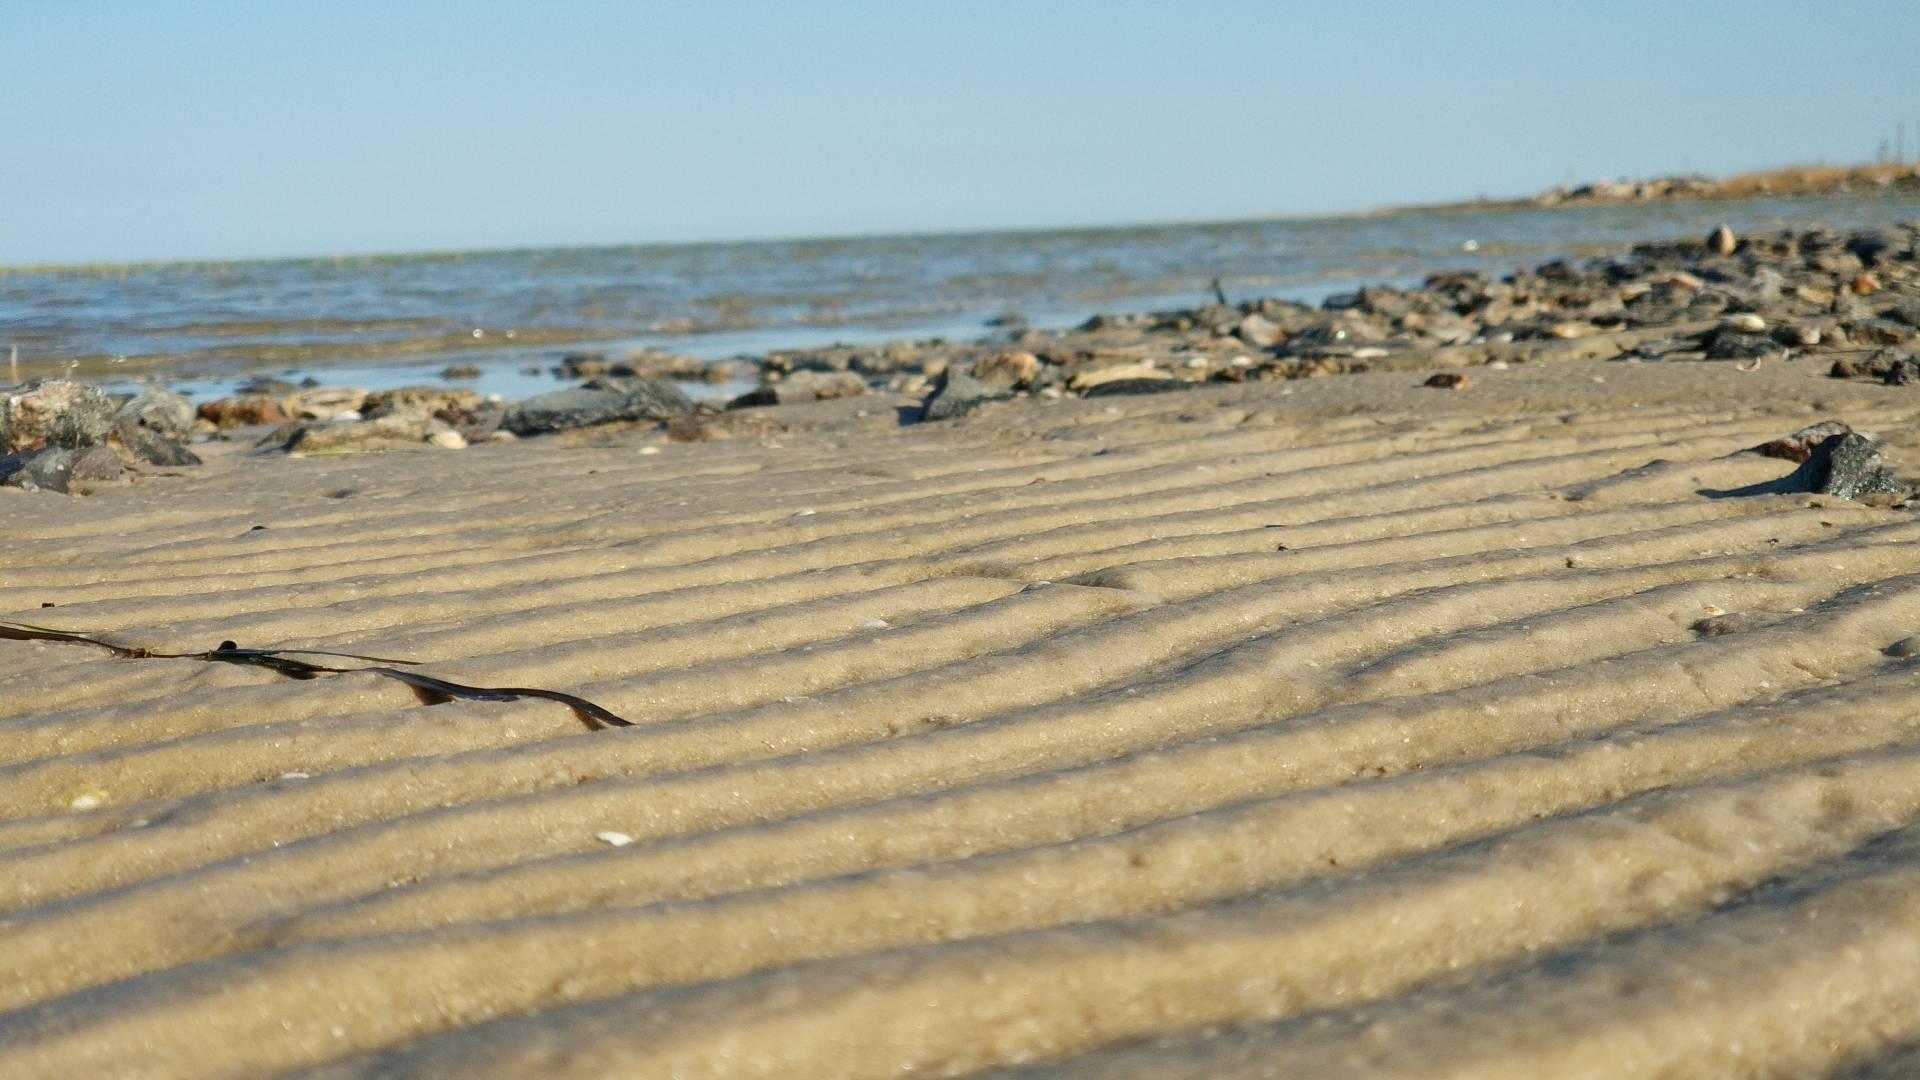 Море на майские праздники: почему стоит провести уикенд на Арабатской Стрелке